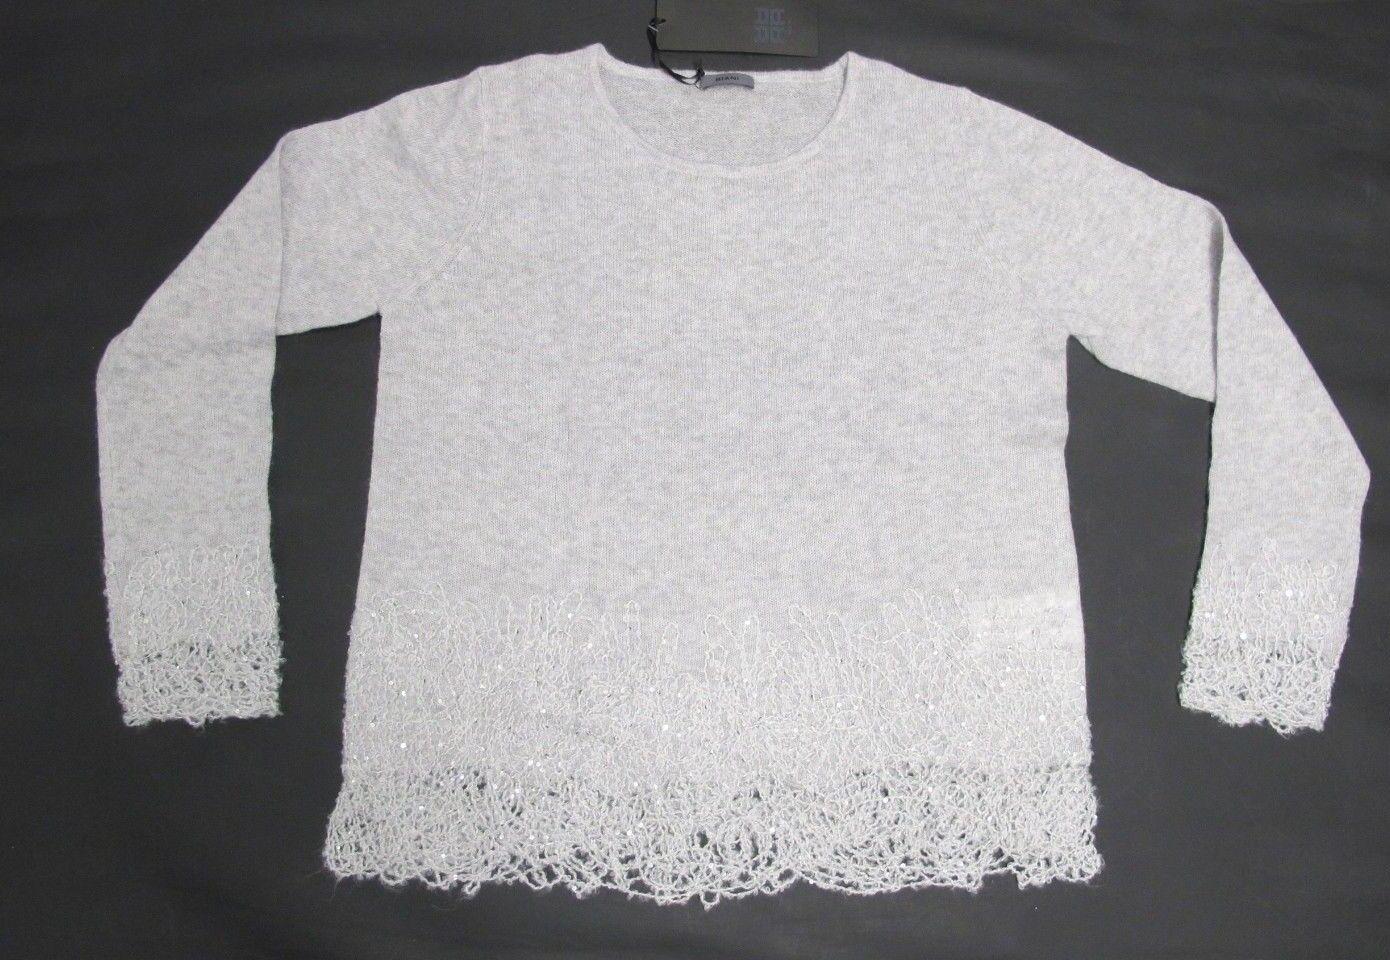 Riani Pullover Grau mit Glitter Glitter Glitter Art. 787500-7890  Gr. 38,40,42 | Moderne und elegante Mode  | Hochwertige Materialien  | Moderne und stilvolle Mode  366432